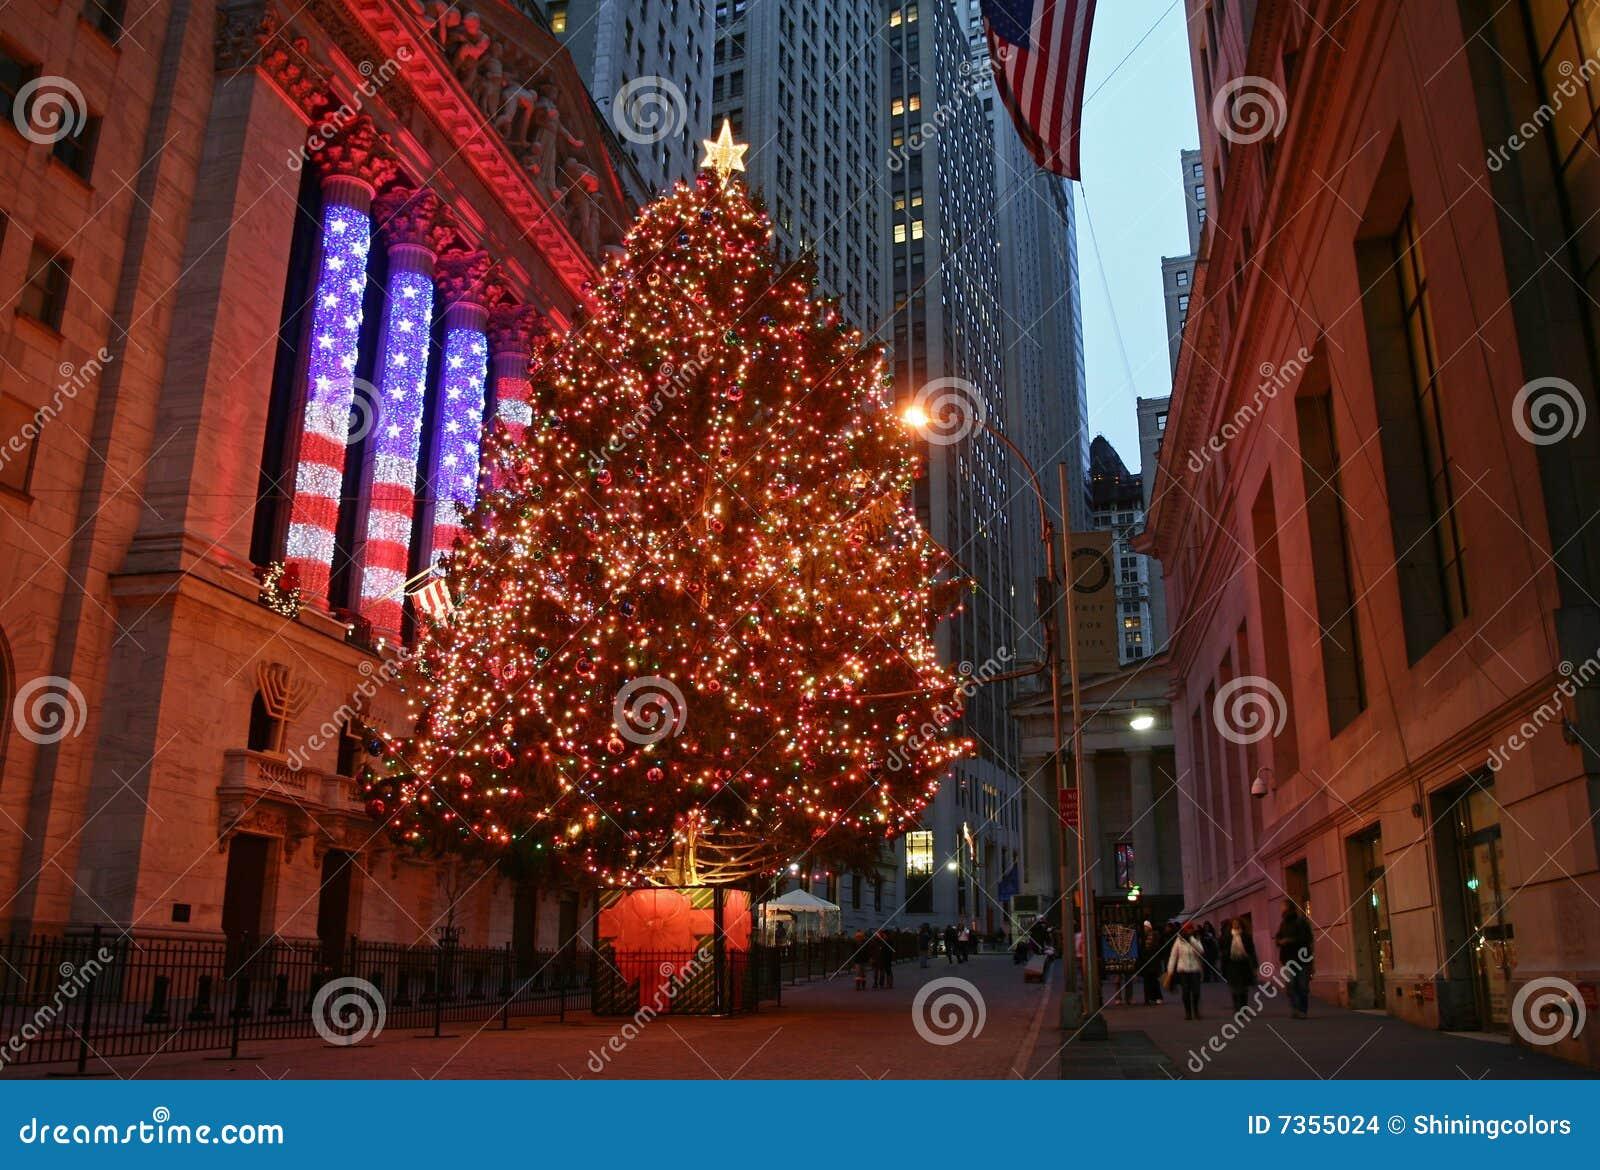 Stagione di natale a new york immagine stock editoriale for Immagini new york a natale